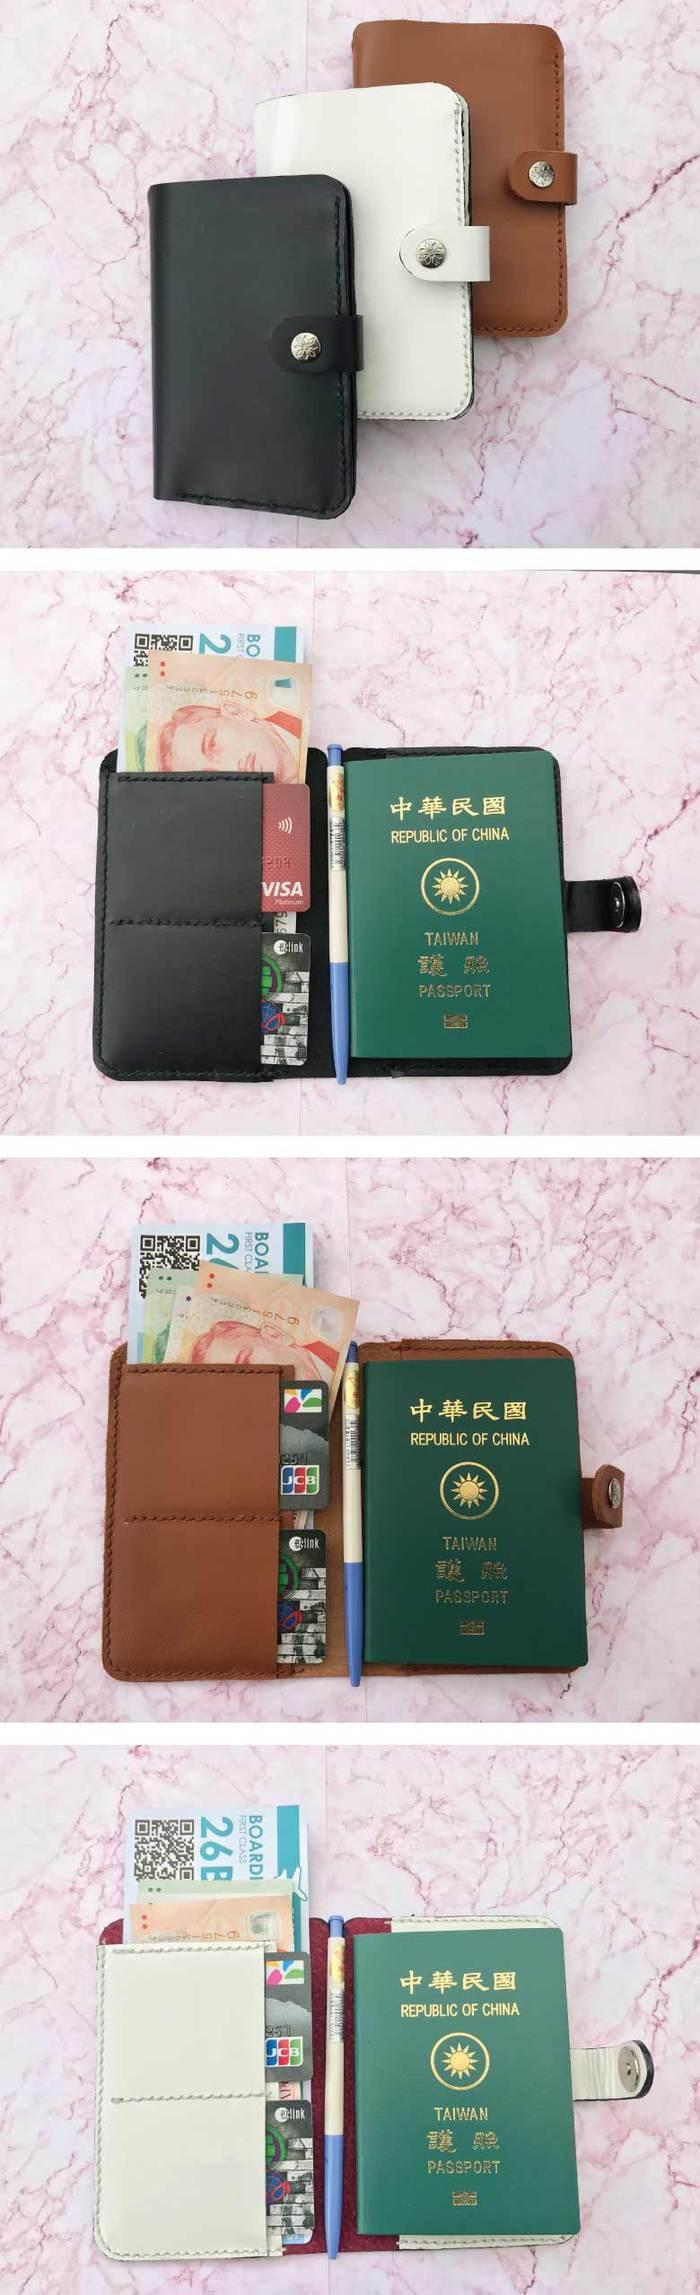 曼波魚SUN-FISH|【皮革溫度】旅行護照夾